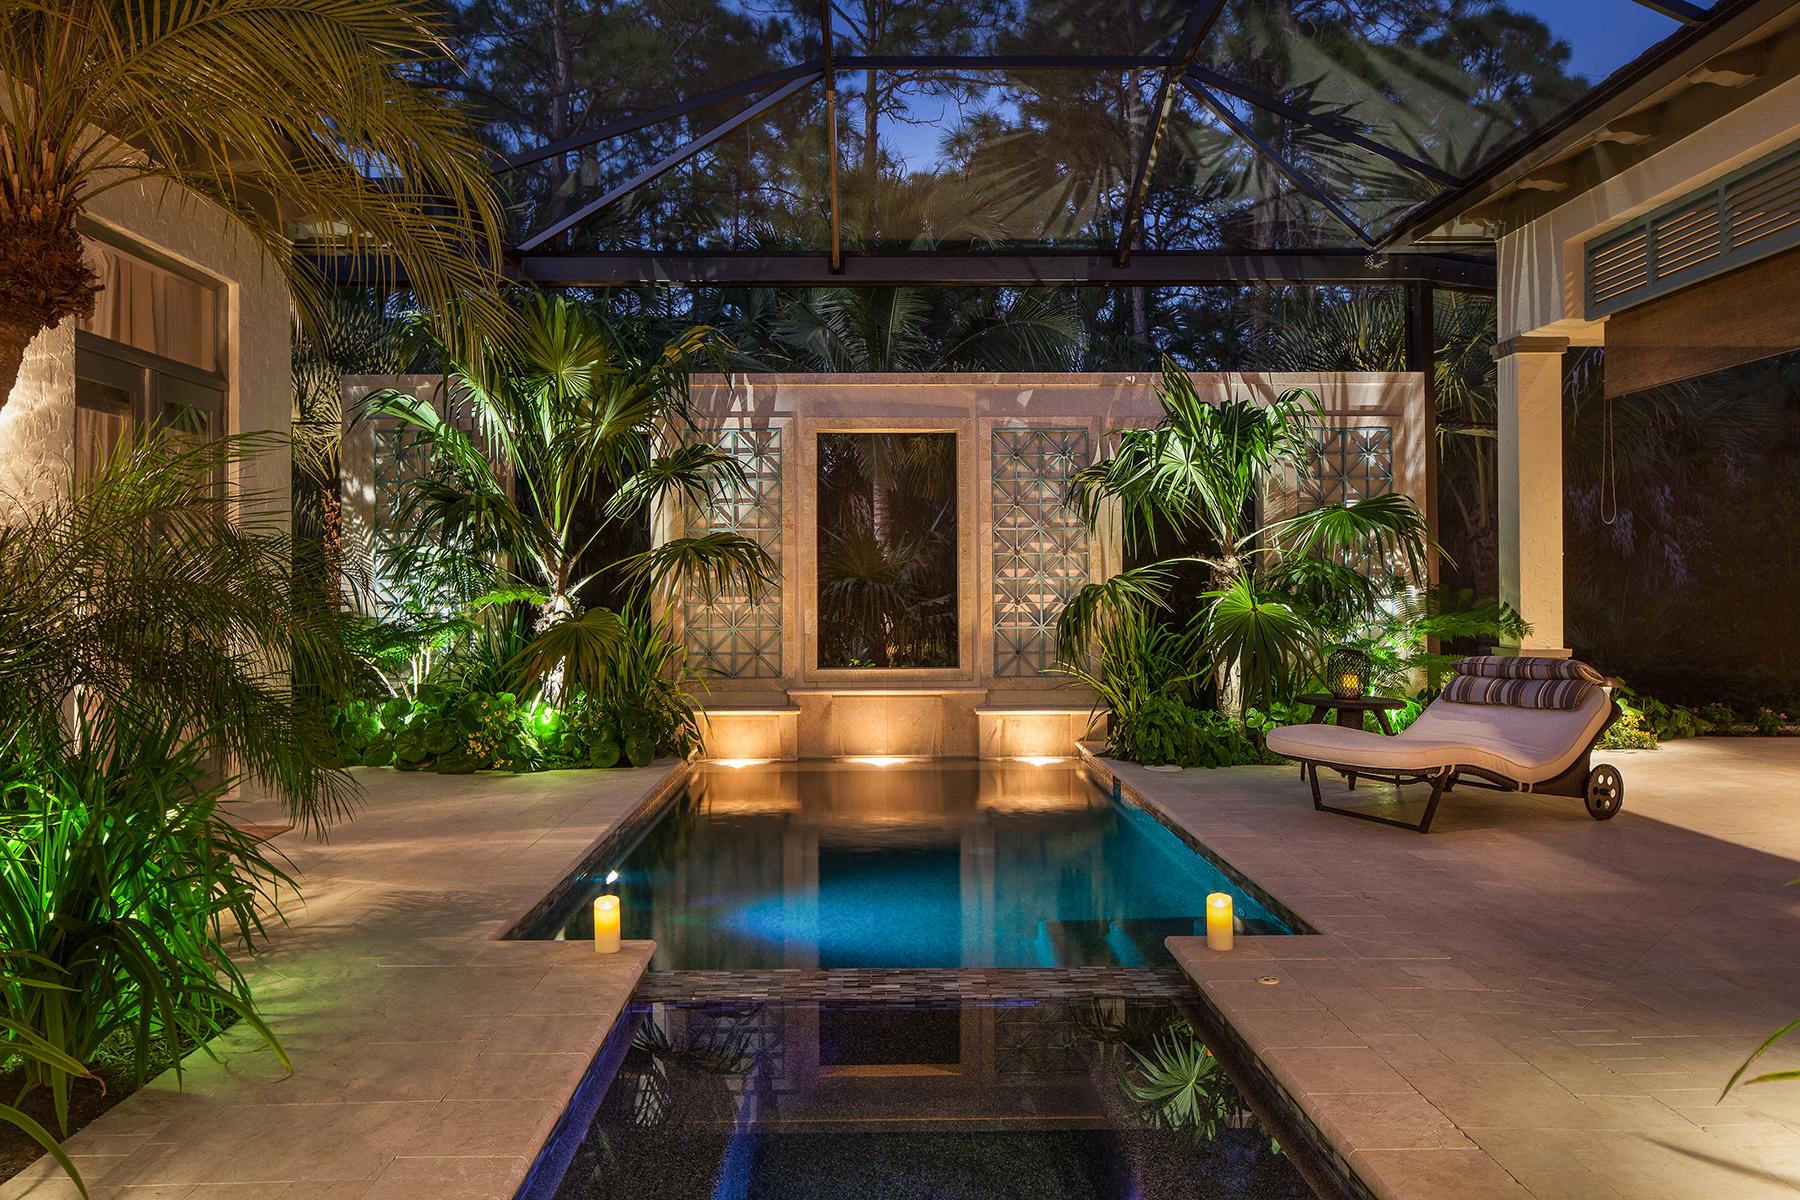 Villa per Vendita alle ore LELY RESORT - CLASSICS PLANTATION ESTATES 7445 Martinique Naples, Florida, 34113 Stati Uniti